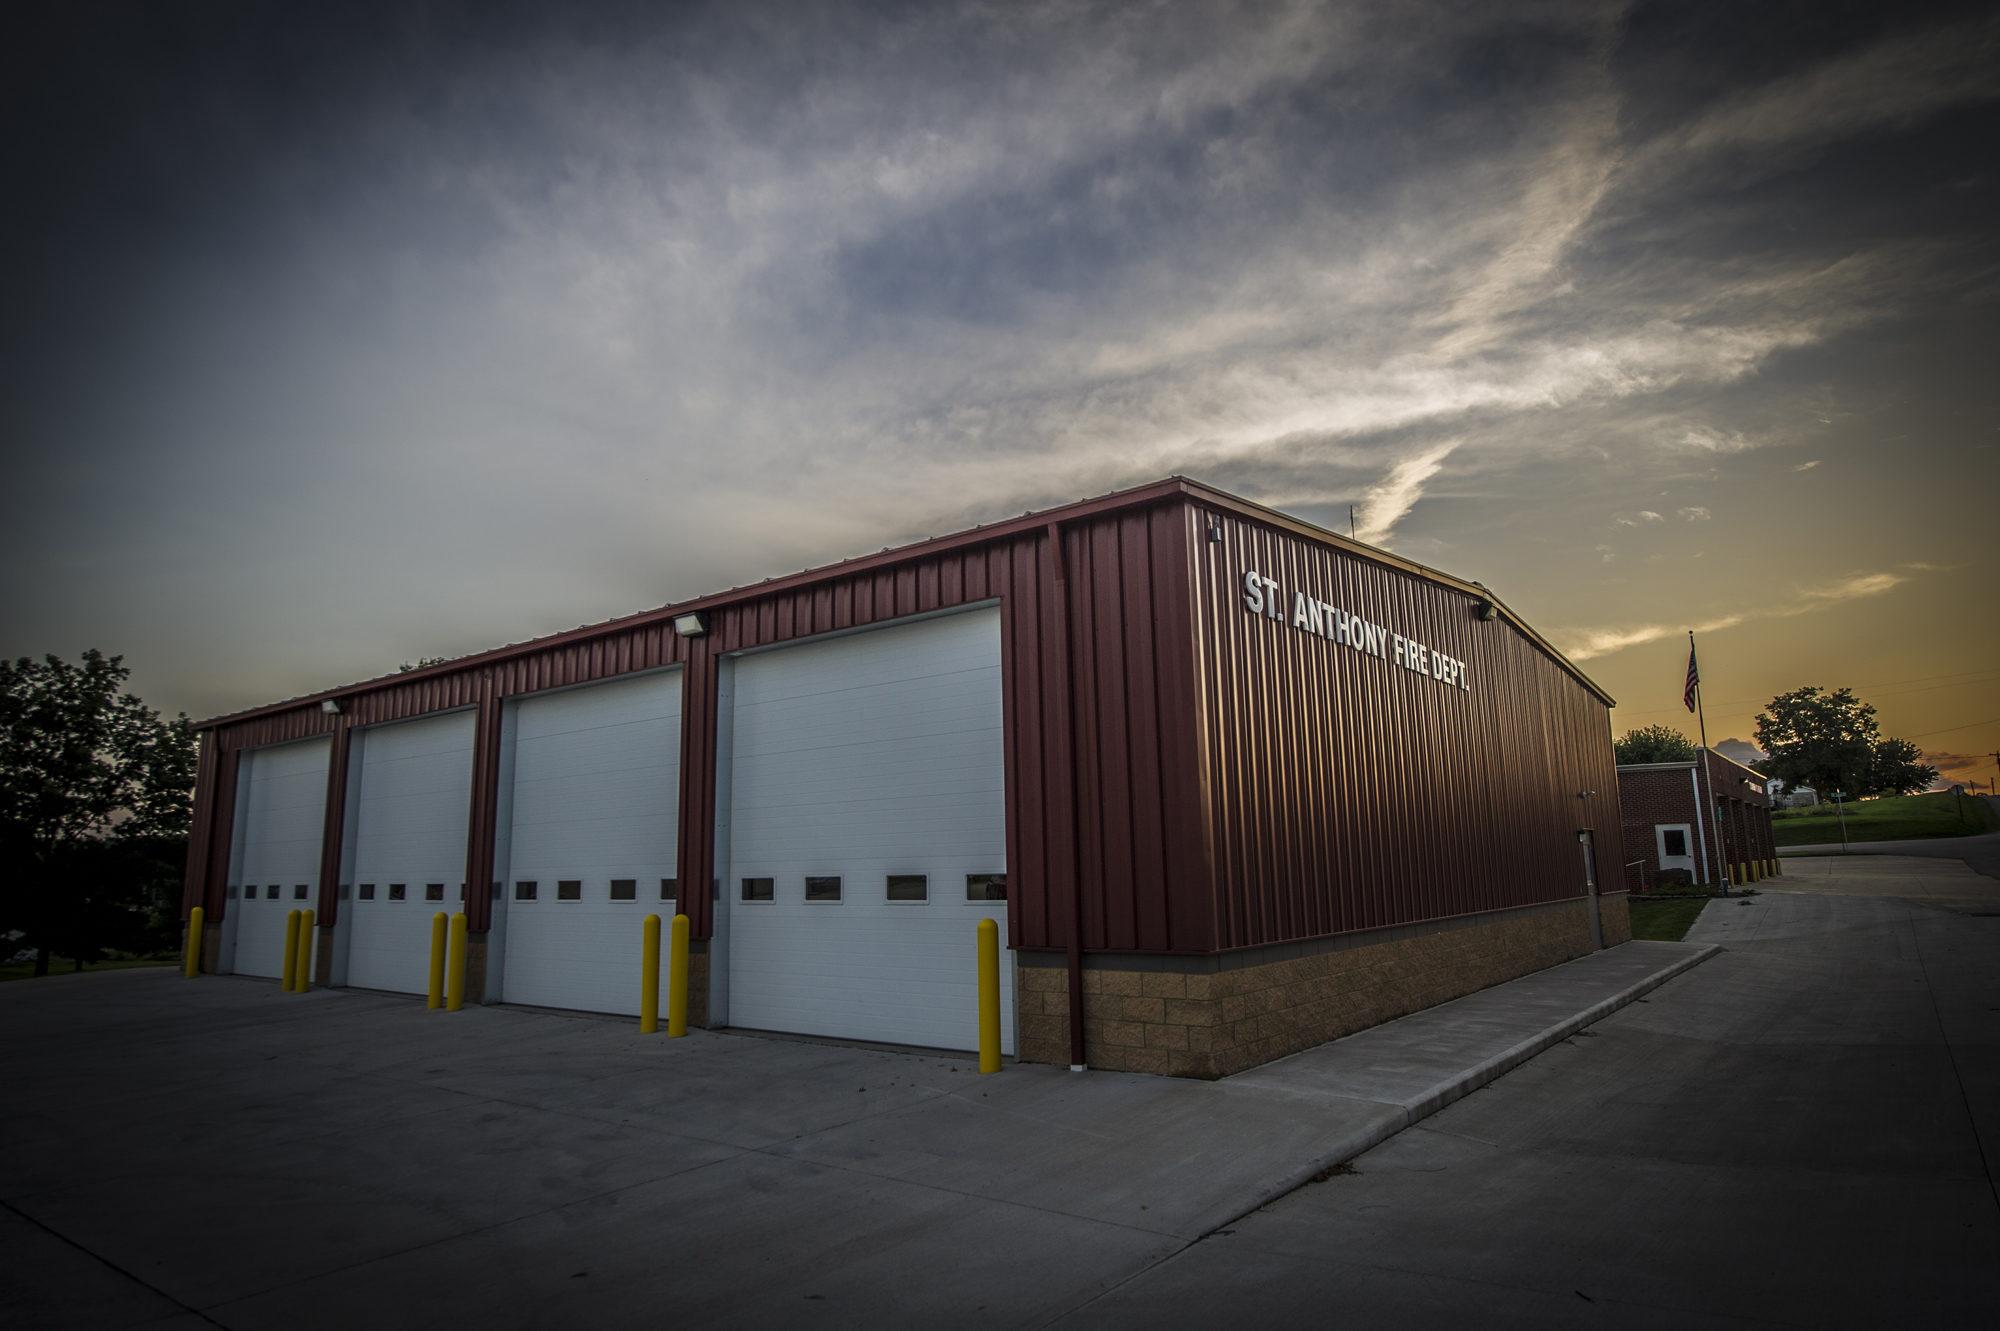 St anthony fire station